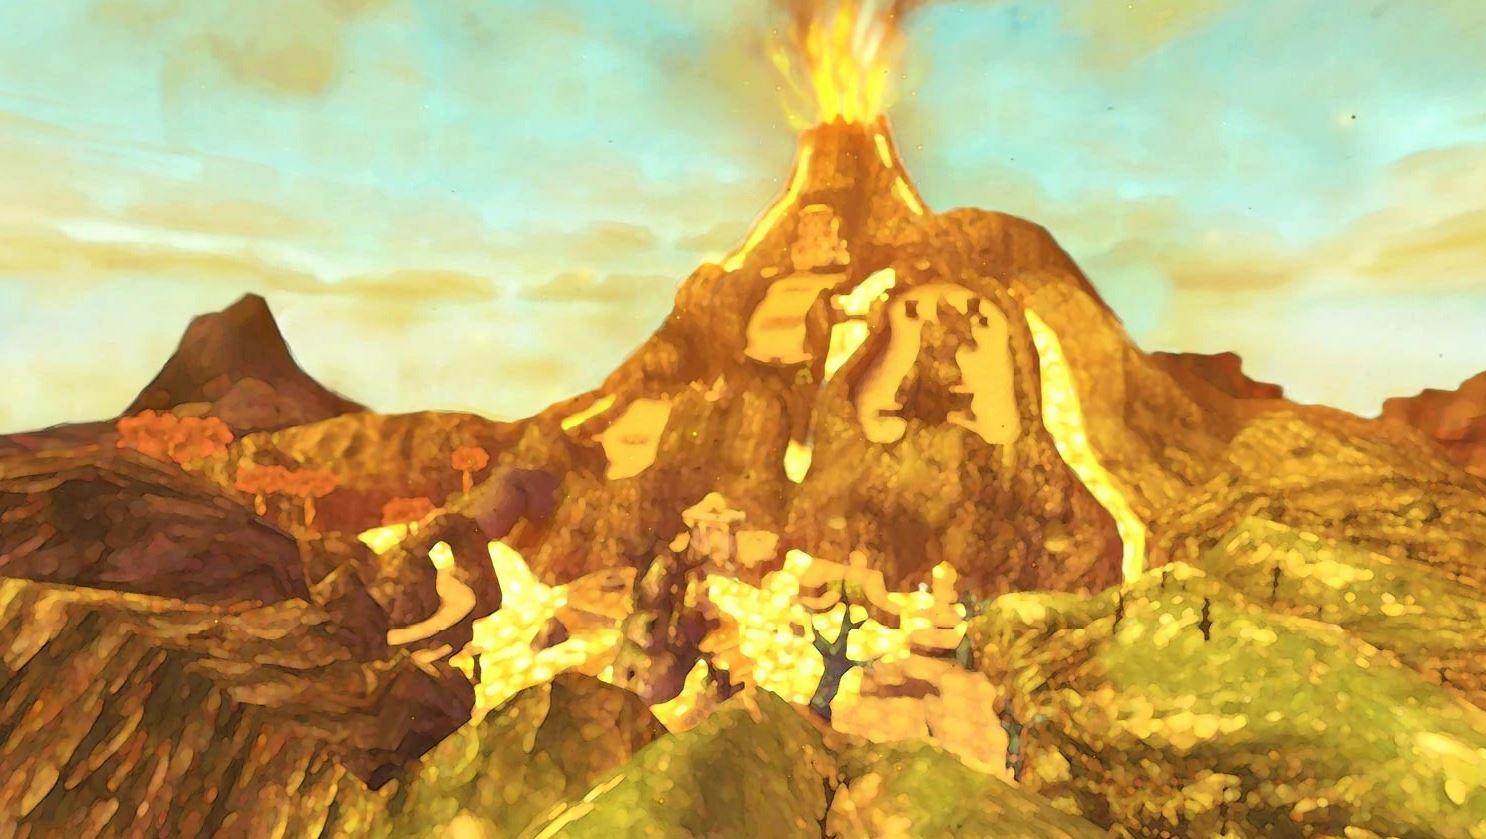 The Legend of Zelda: Skyward Sword HD cube volcan Odinn éruption